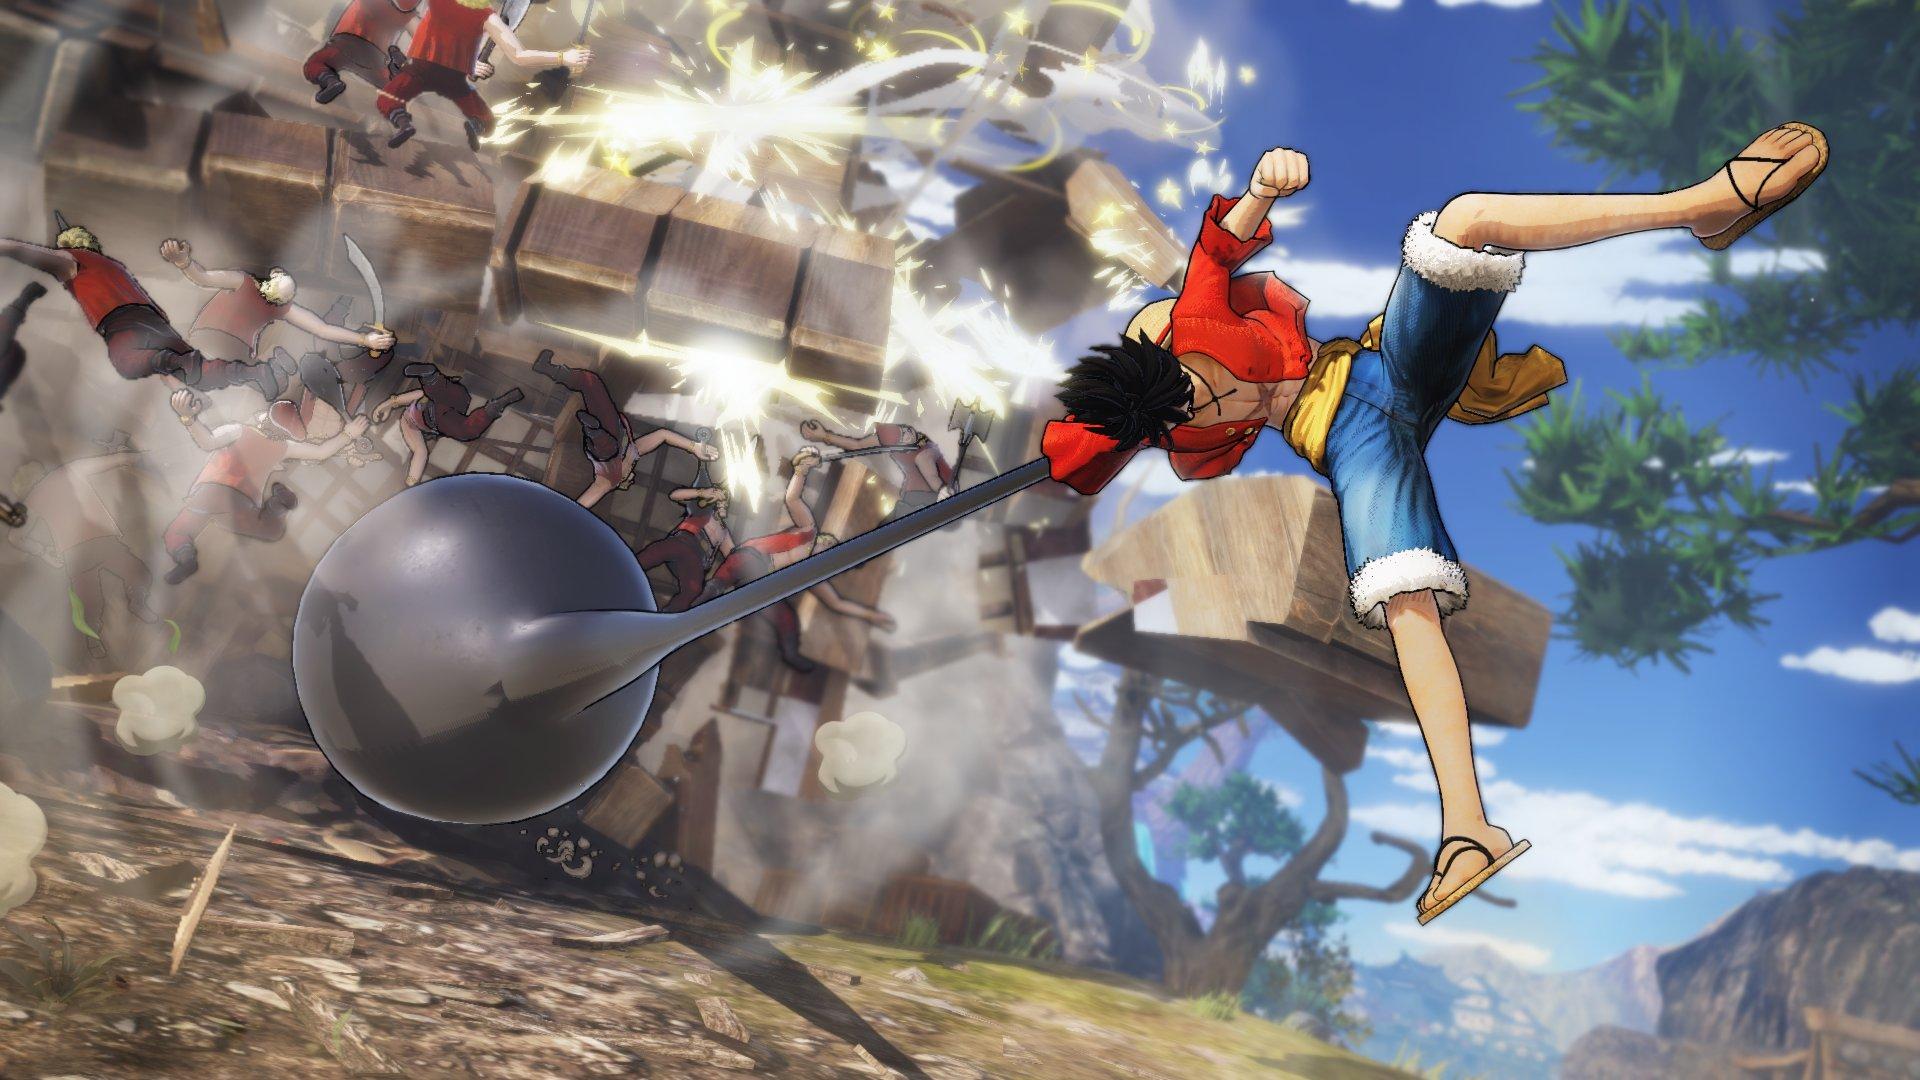 《海贼无双4》今日正式发售!IGN 10分钟演示公开